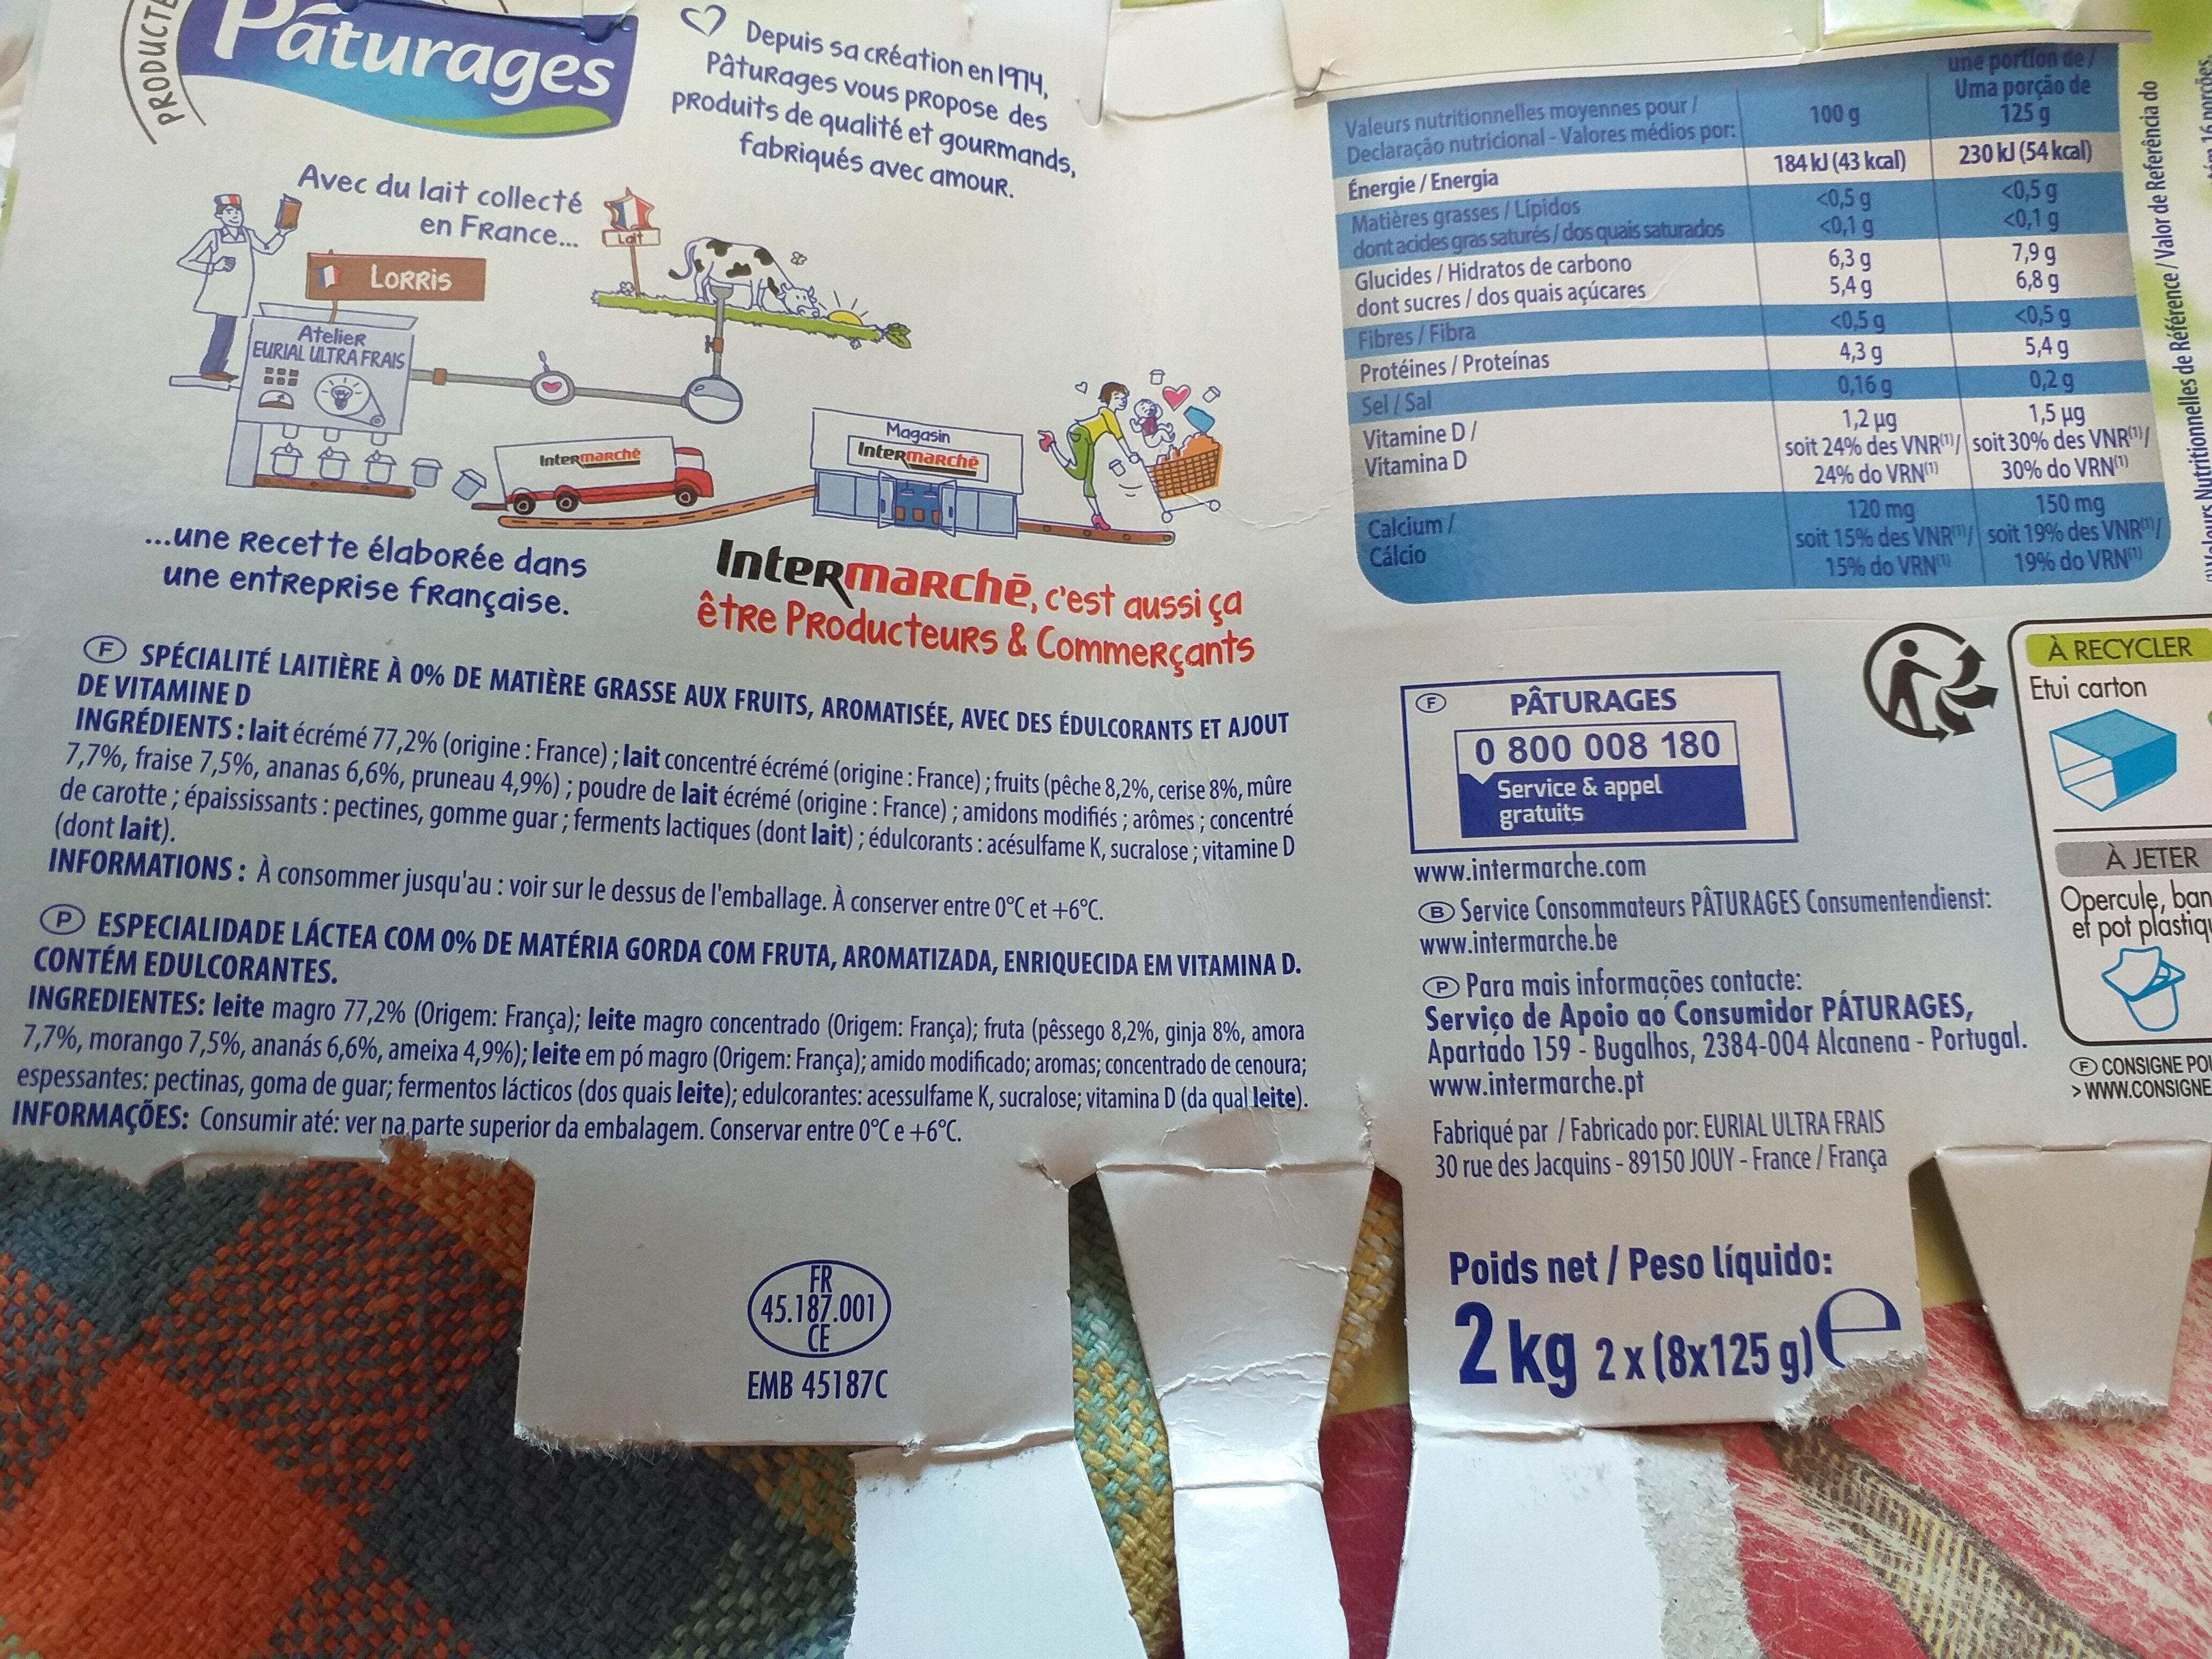 Printiligne Les Fruits - Product - fr